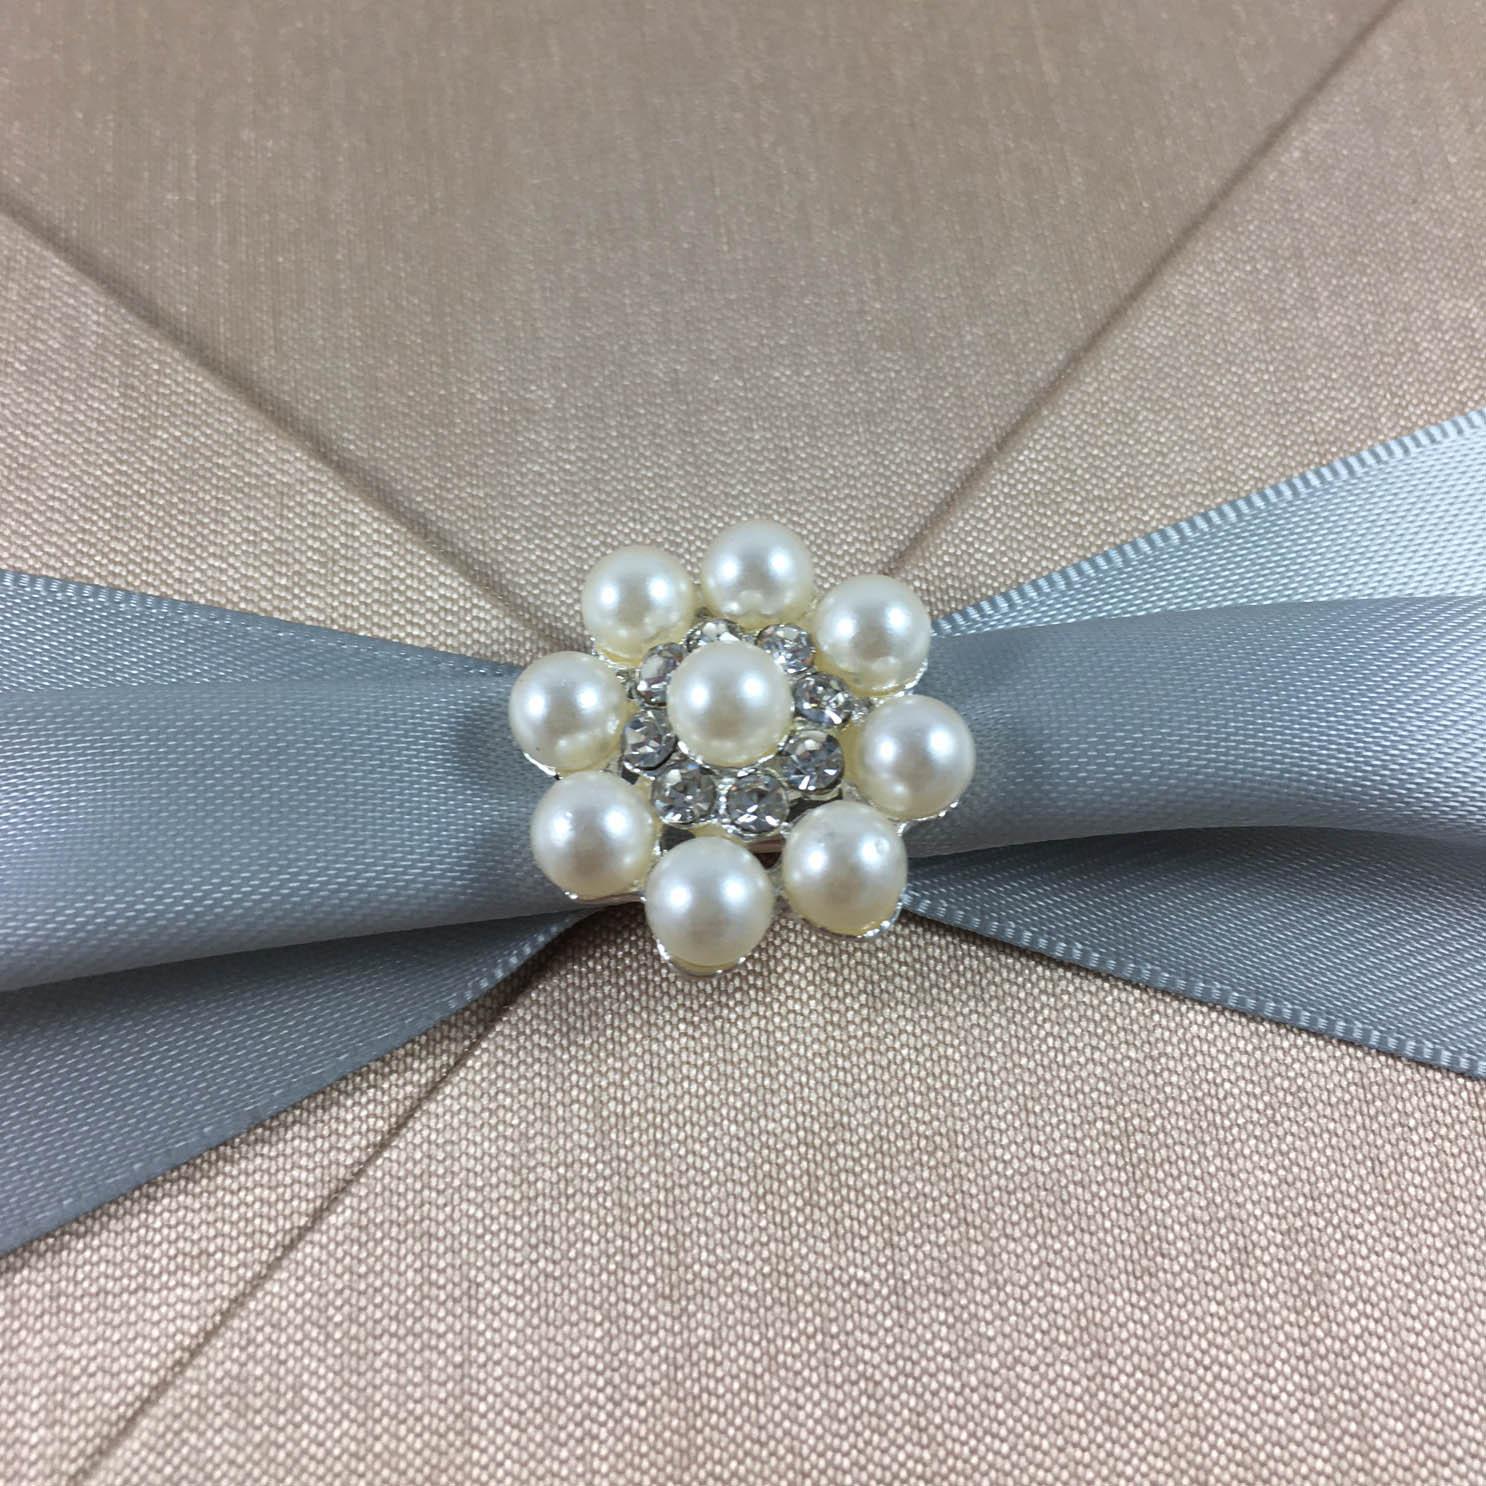 Pearl buton